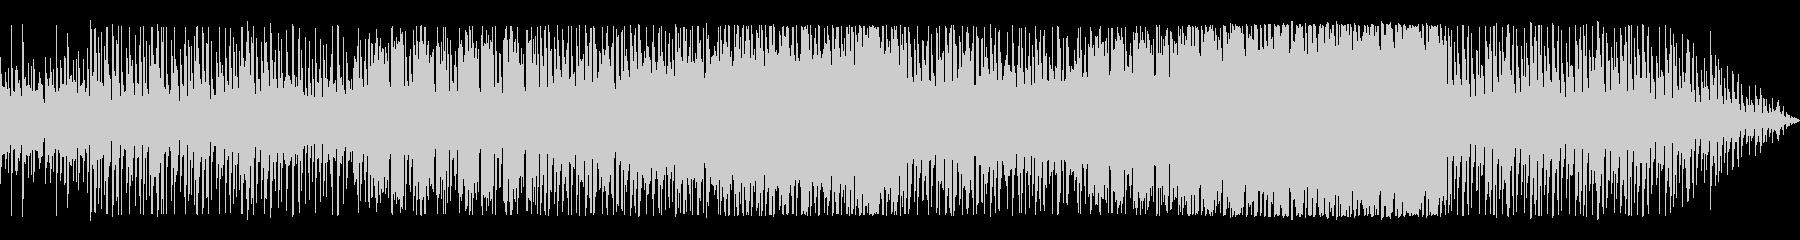 印象的なピアノ 企業VP、映像などにの未再生の波形